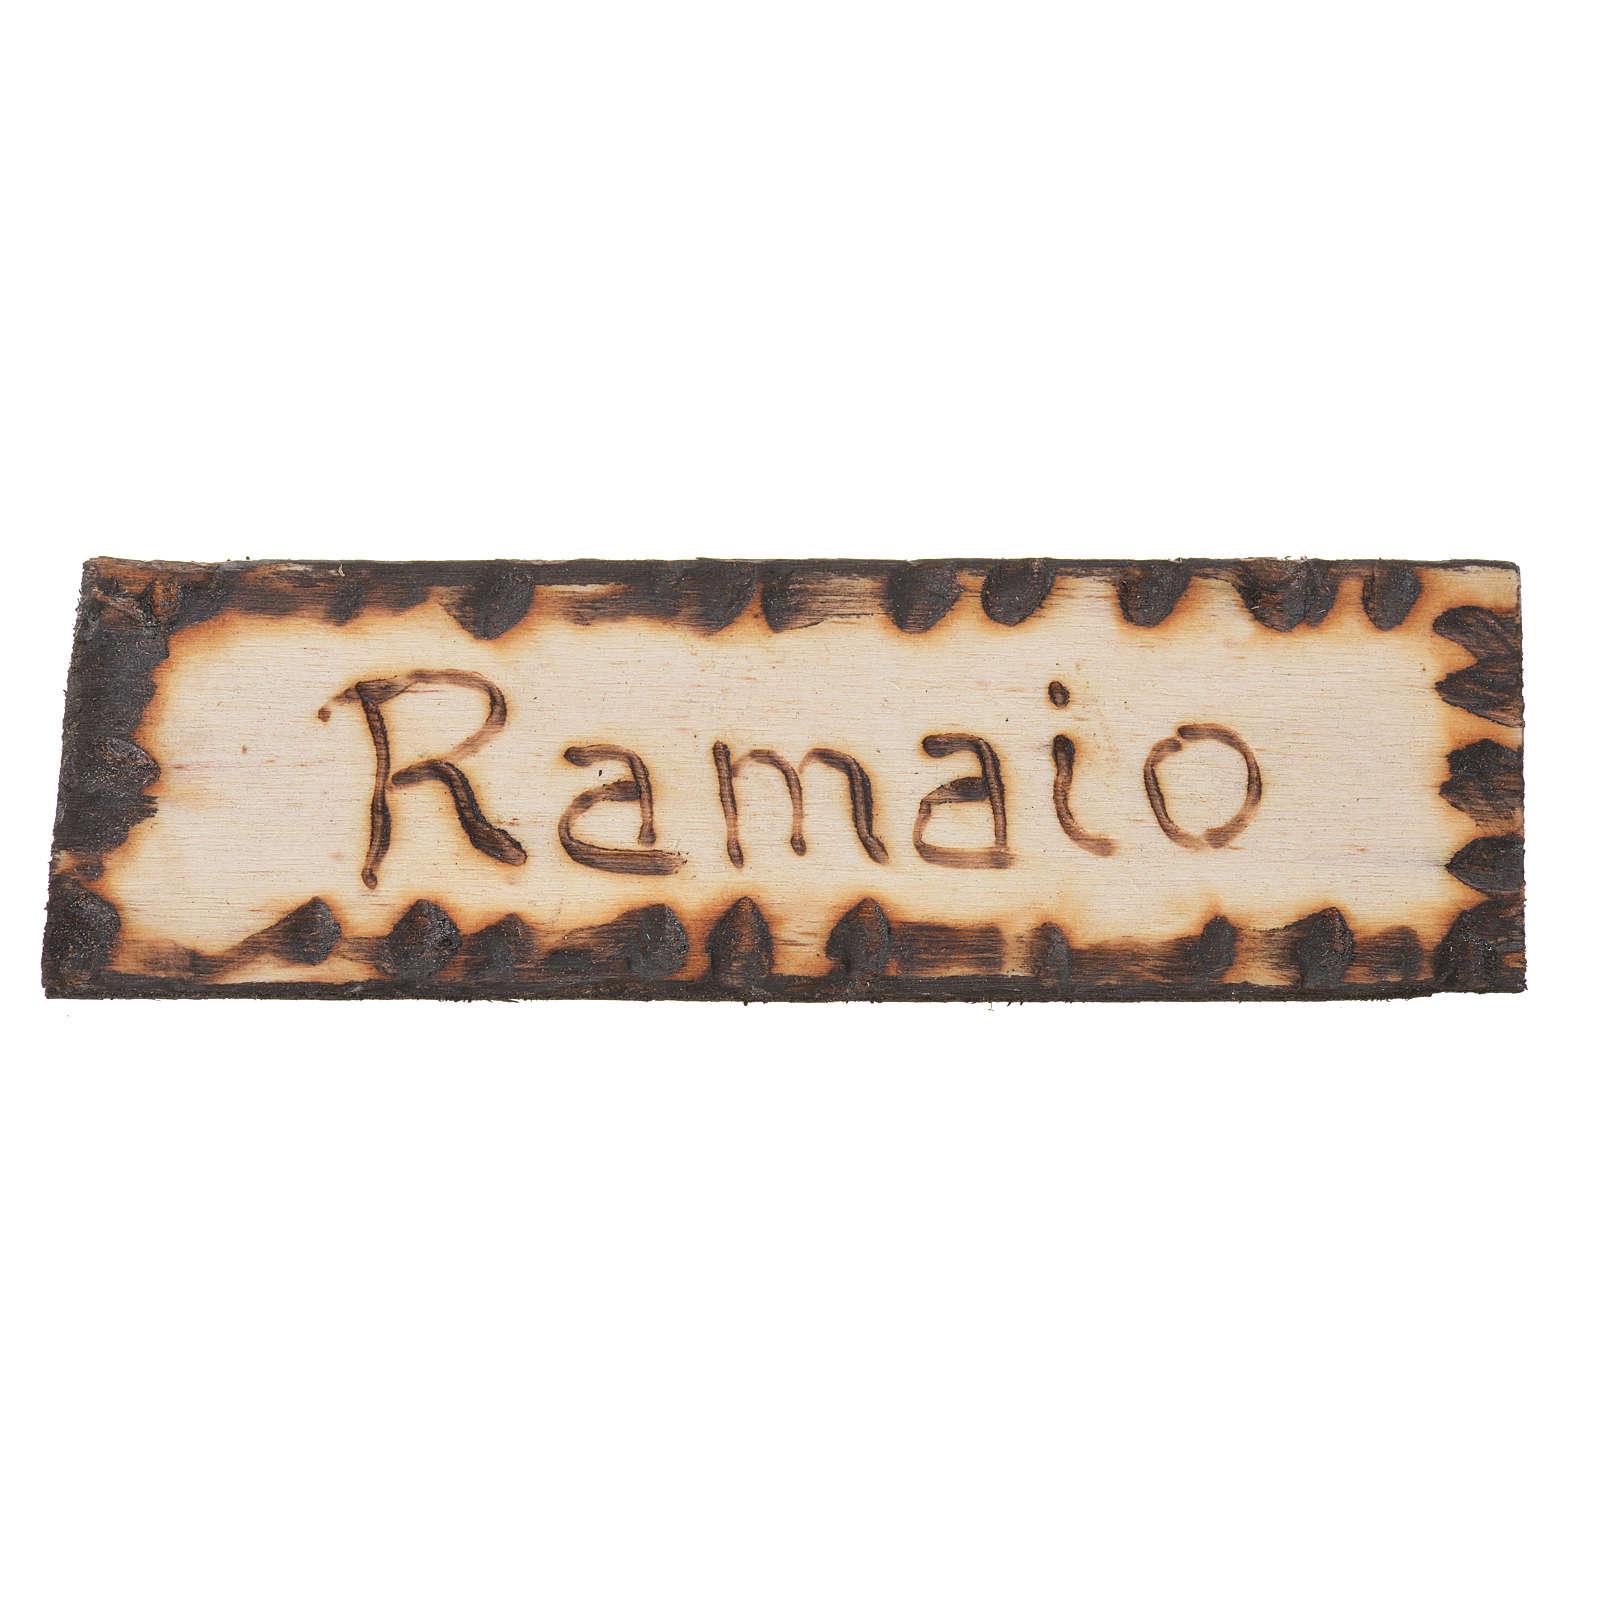 Letrero artesano del cobre, madera para belén 2,5x9cm 4